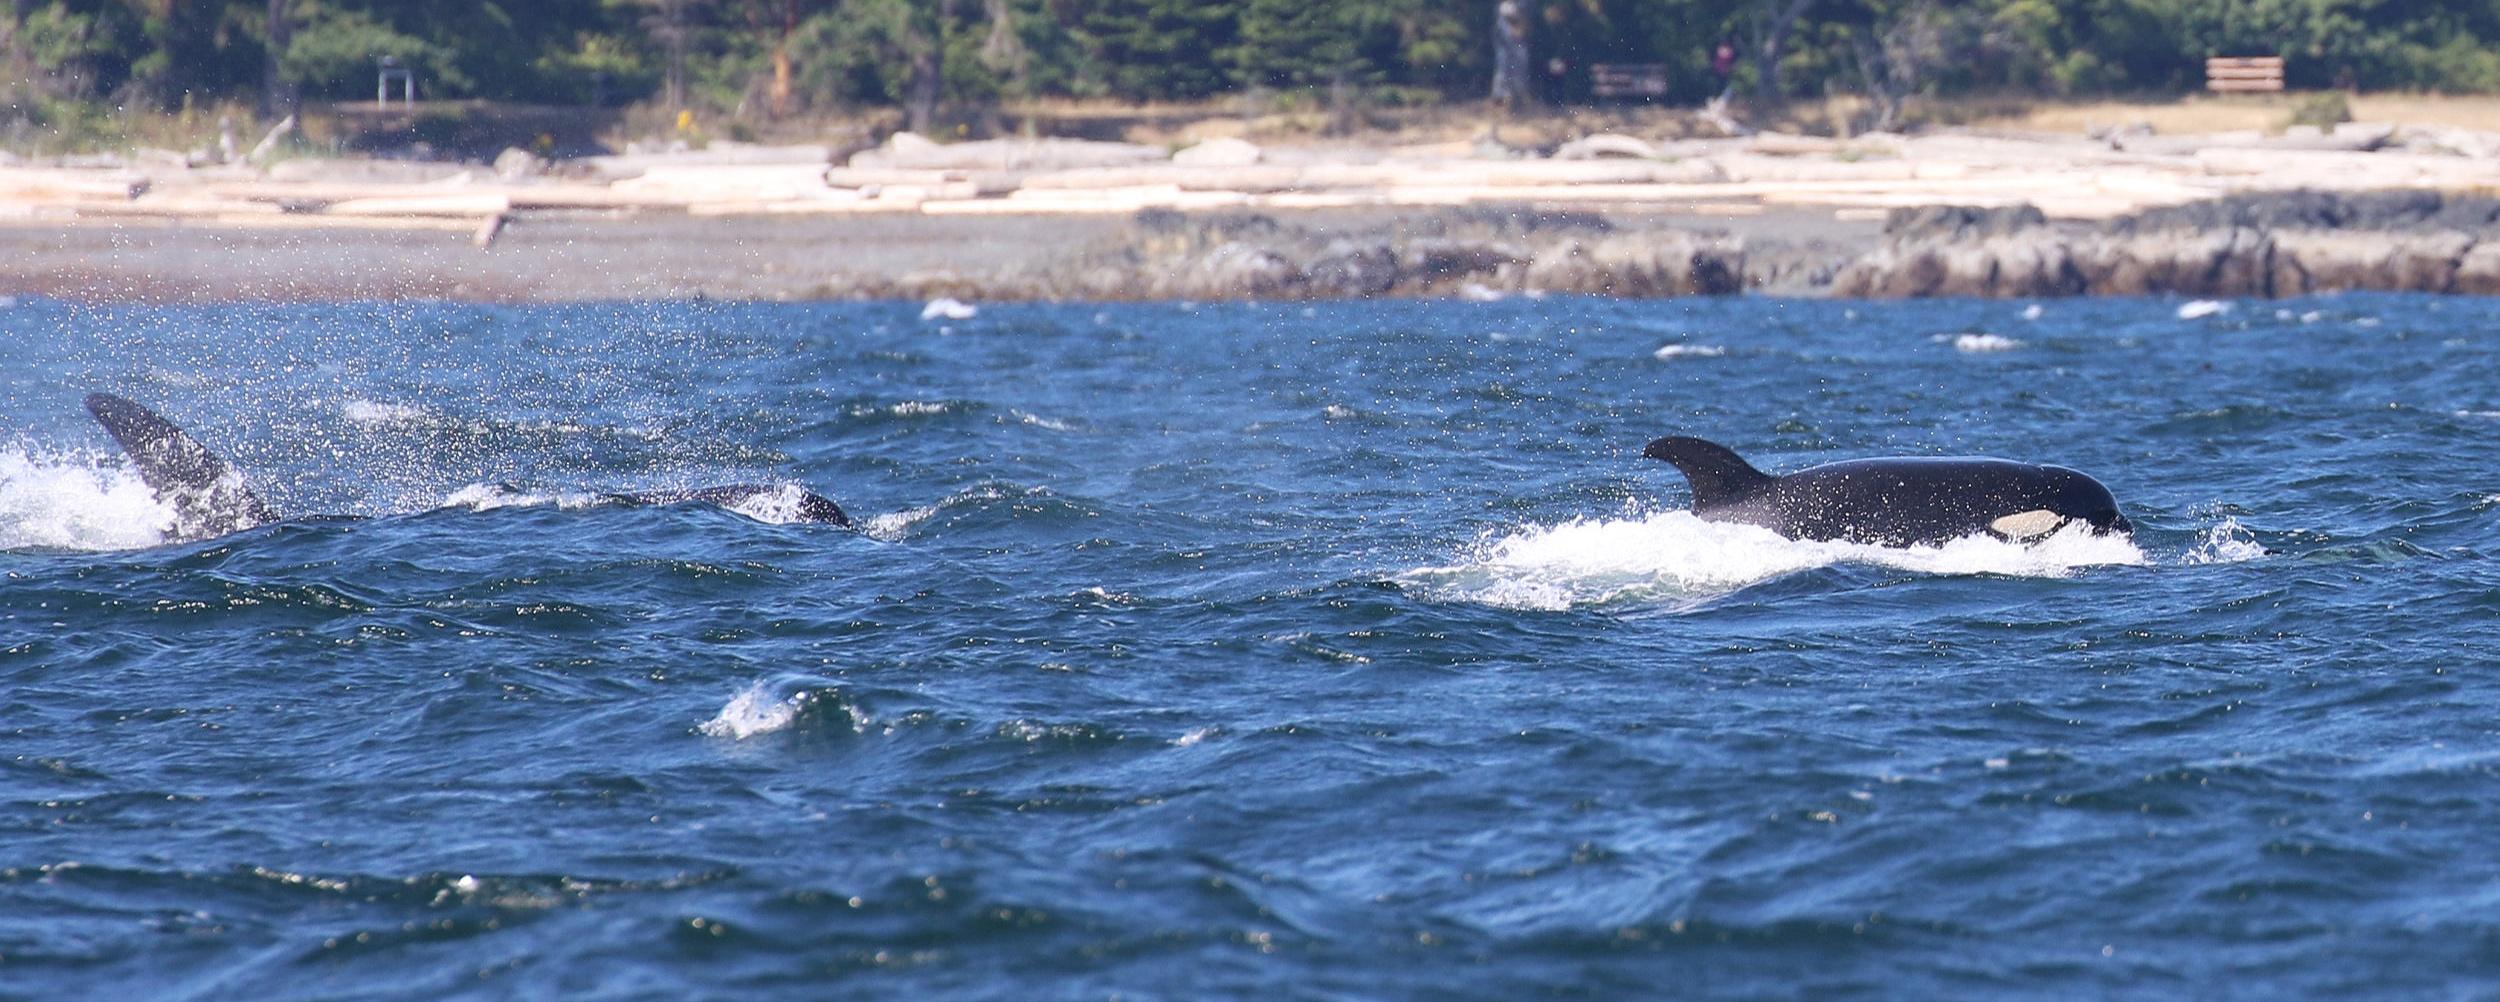 Crashing through the surf. Photo by Rebeka Pirker (10:30).